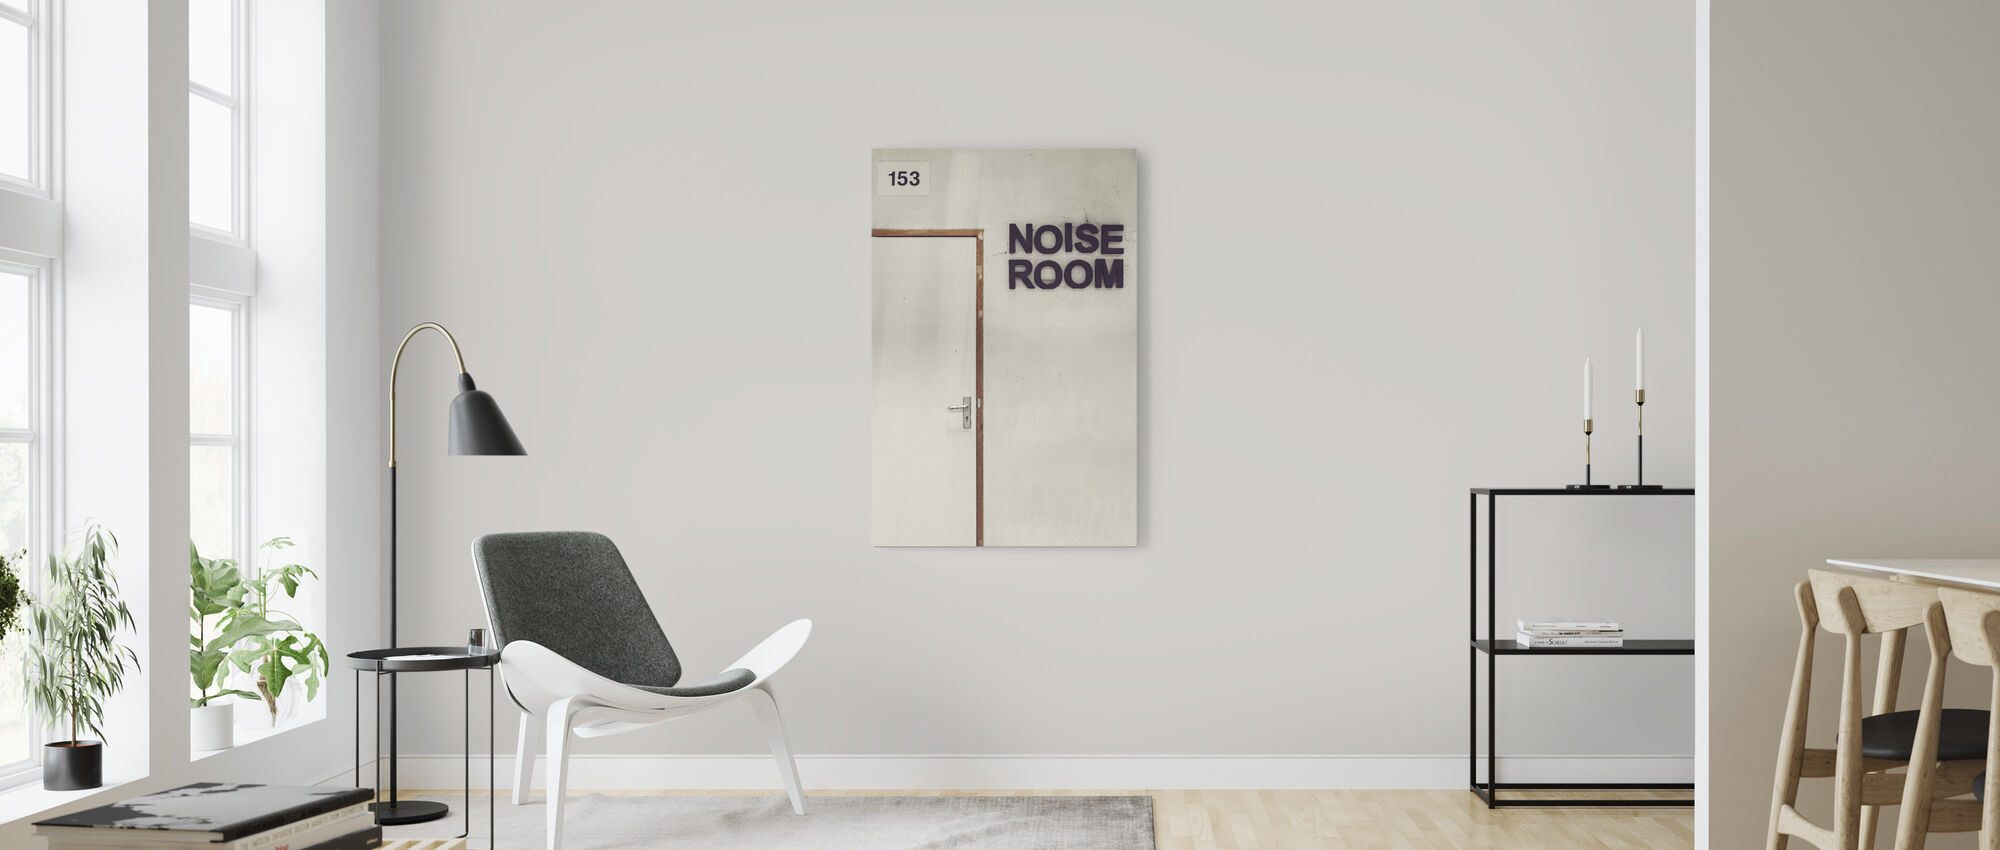 Noise Room Door - Canvas print - Living Room